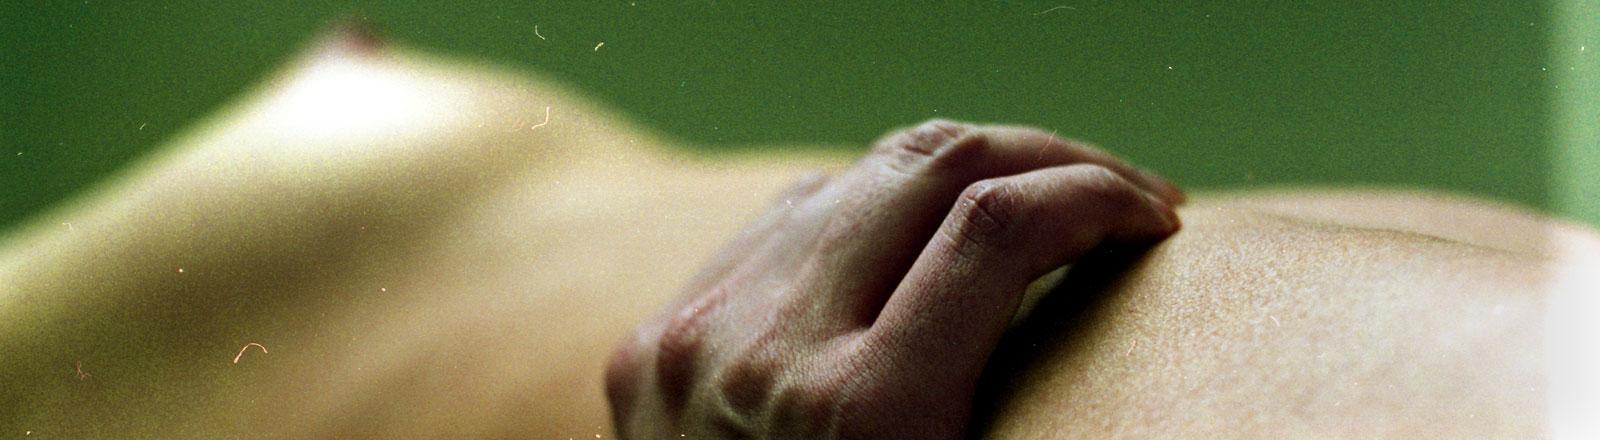 Eine Hand liegt auf einem Körper.